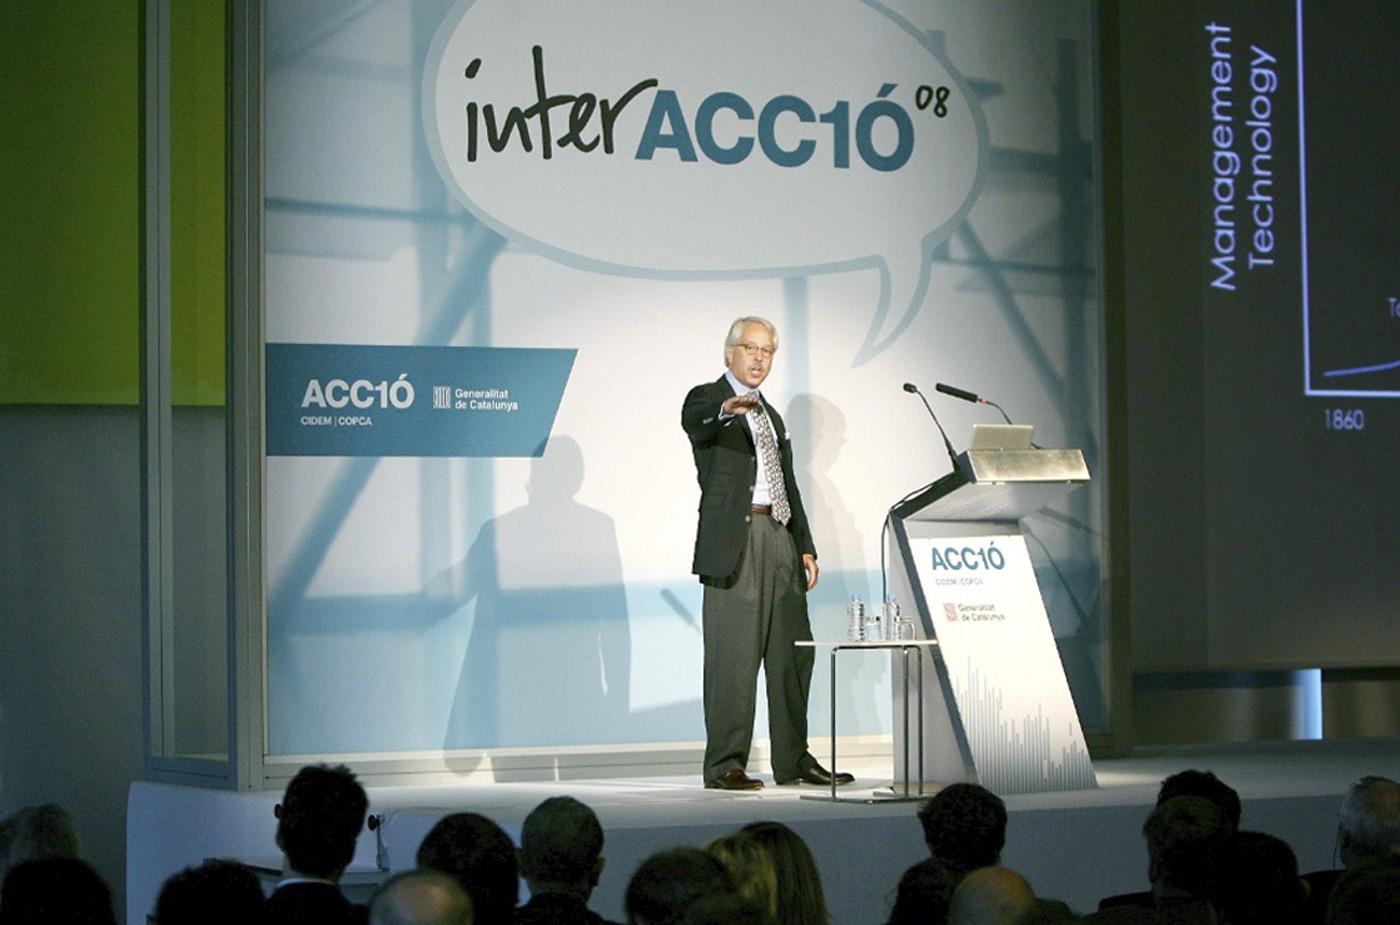 16-ACC10-interaccio-creartiva-stand-espai-evemnto-feria-expo